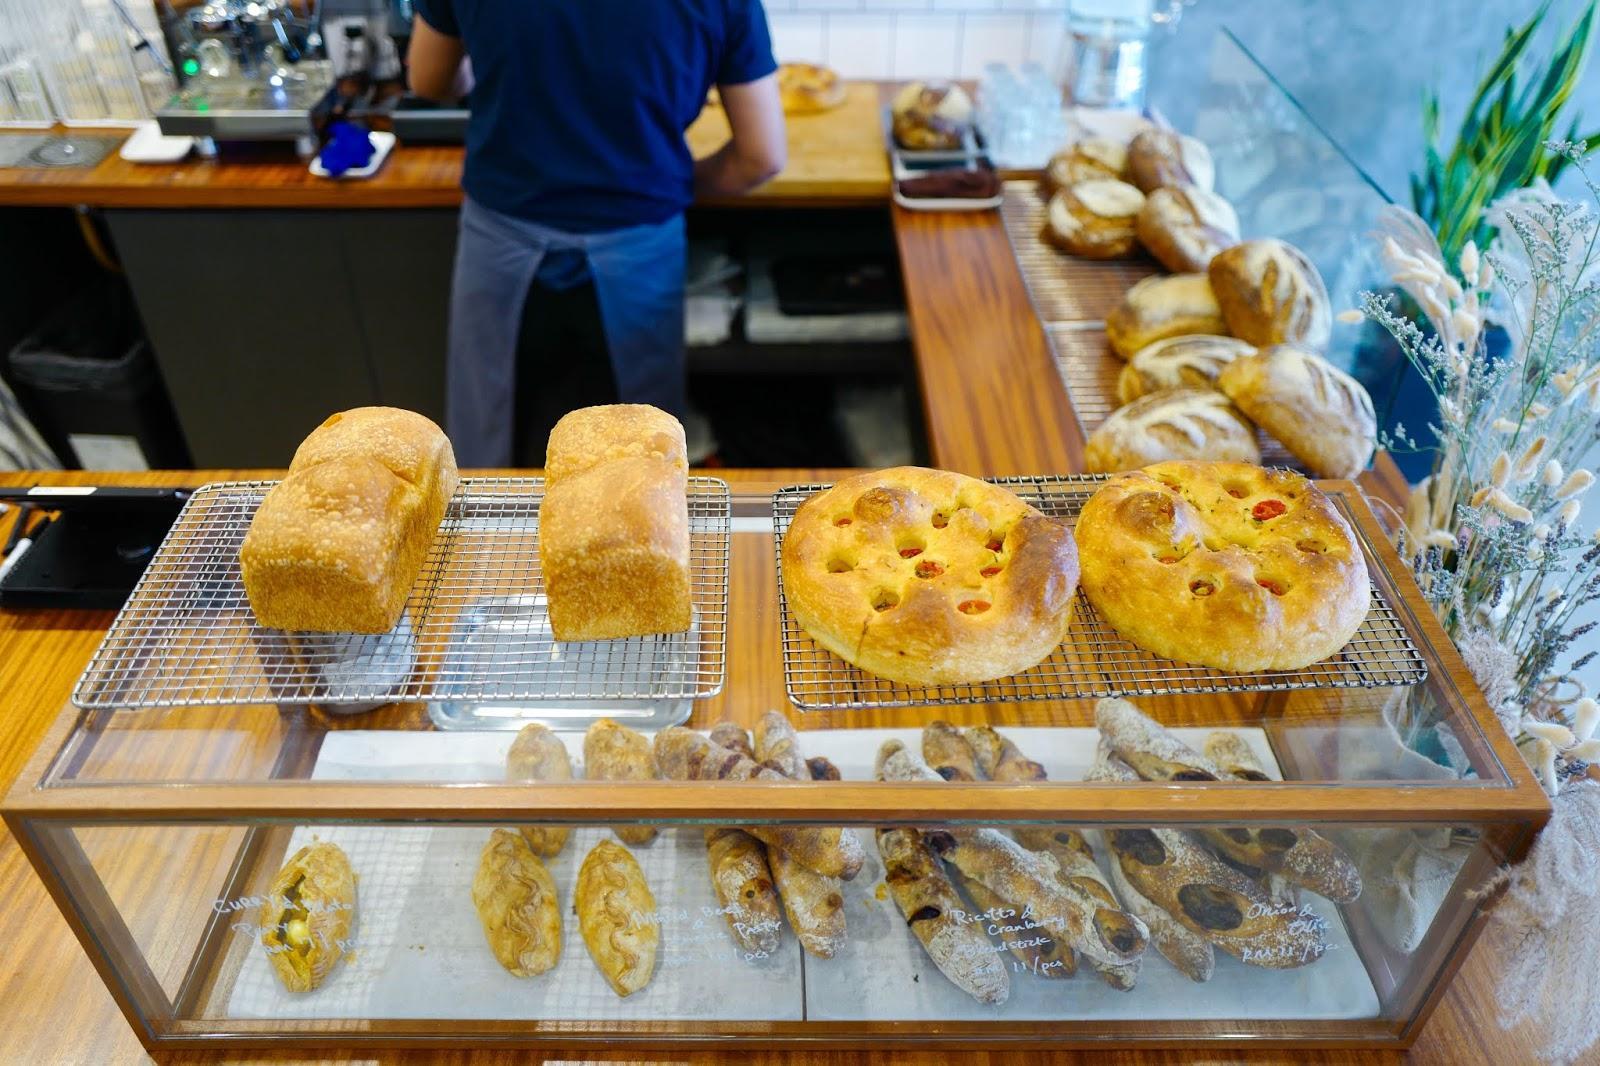 C:\Users\User\Desktop\bakery shop owner.jpg